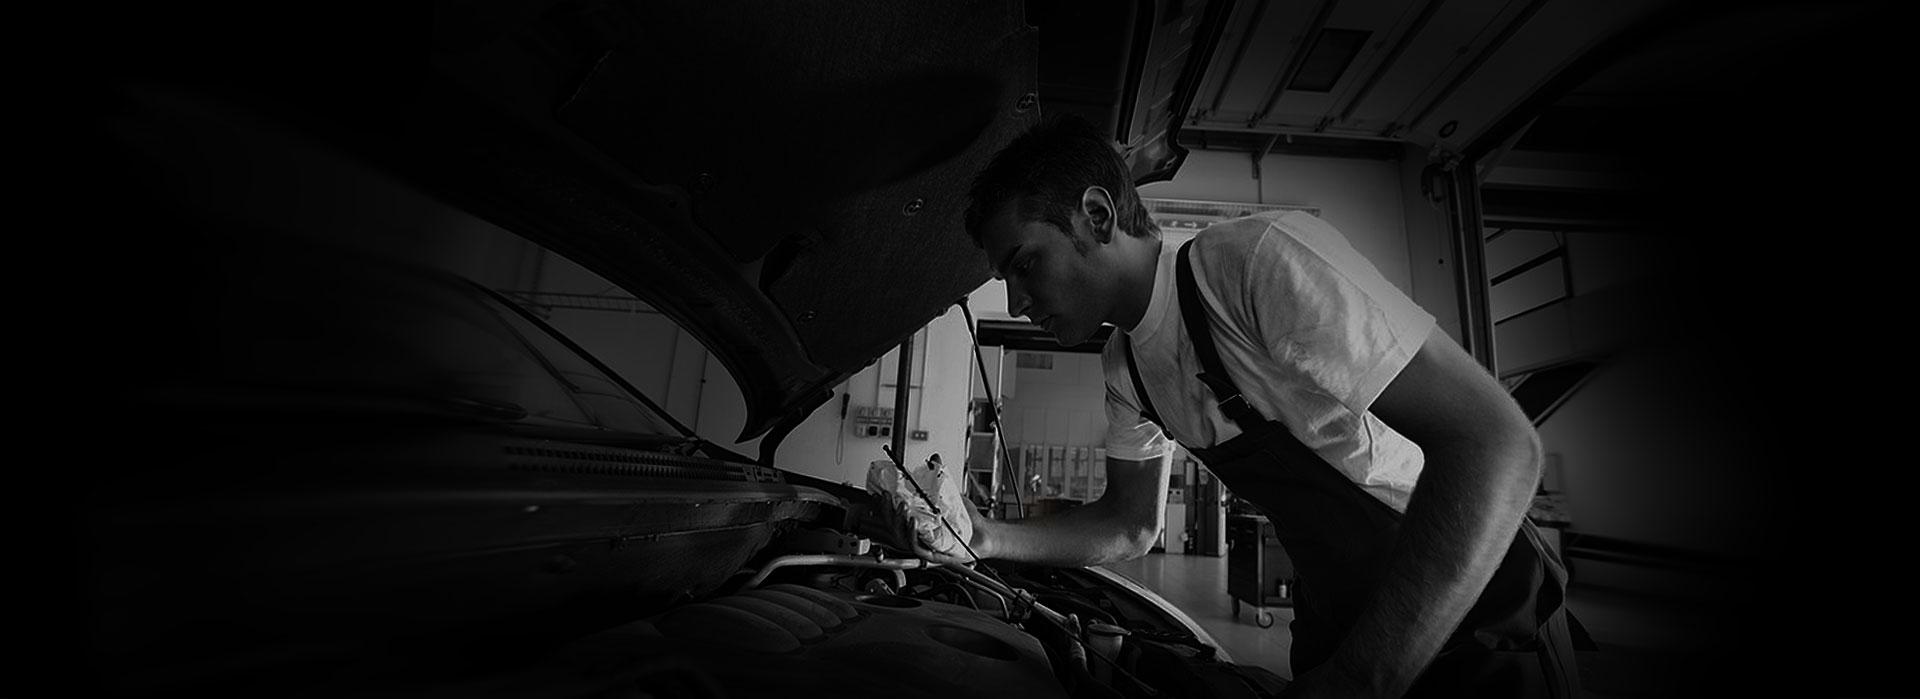 slide-mechanic-bg